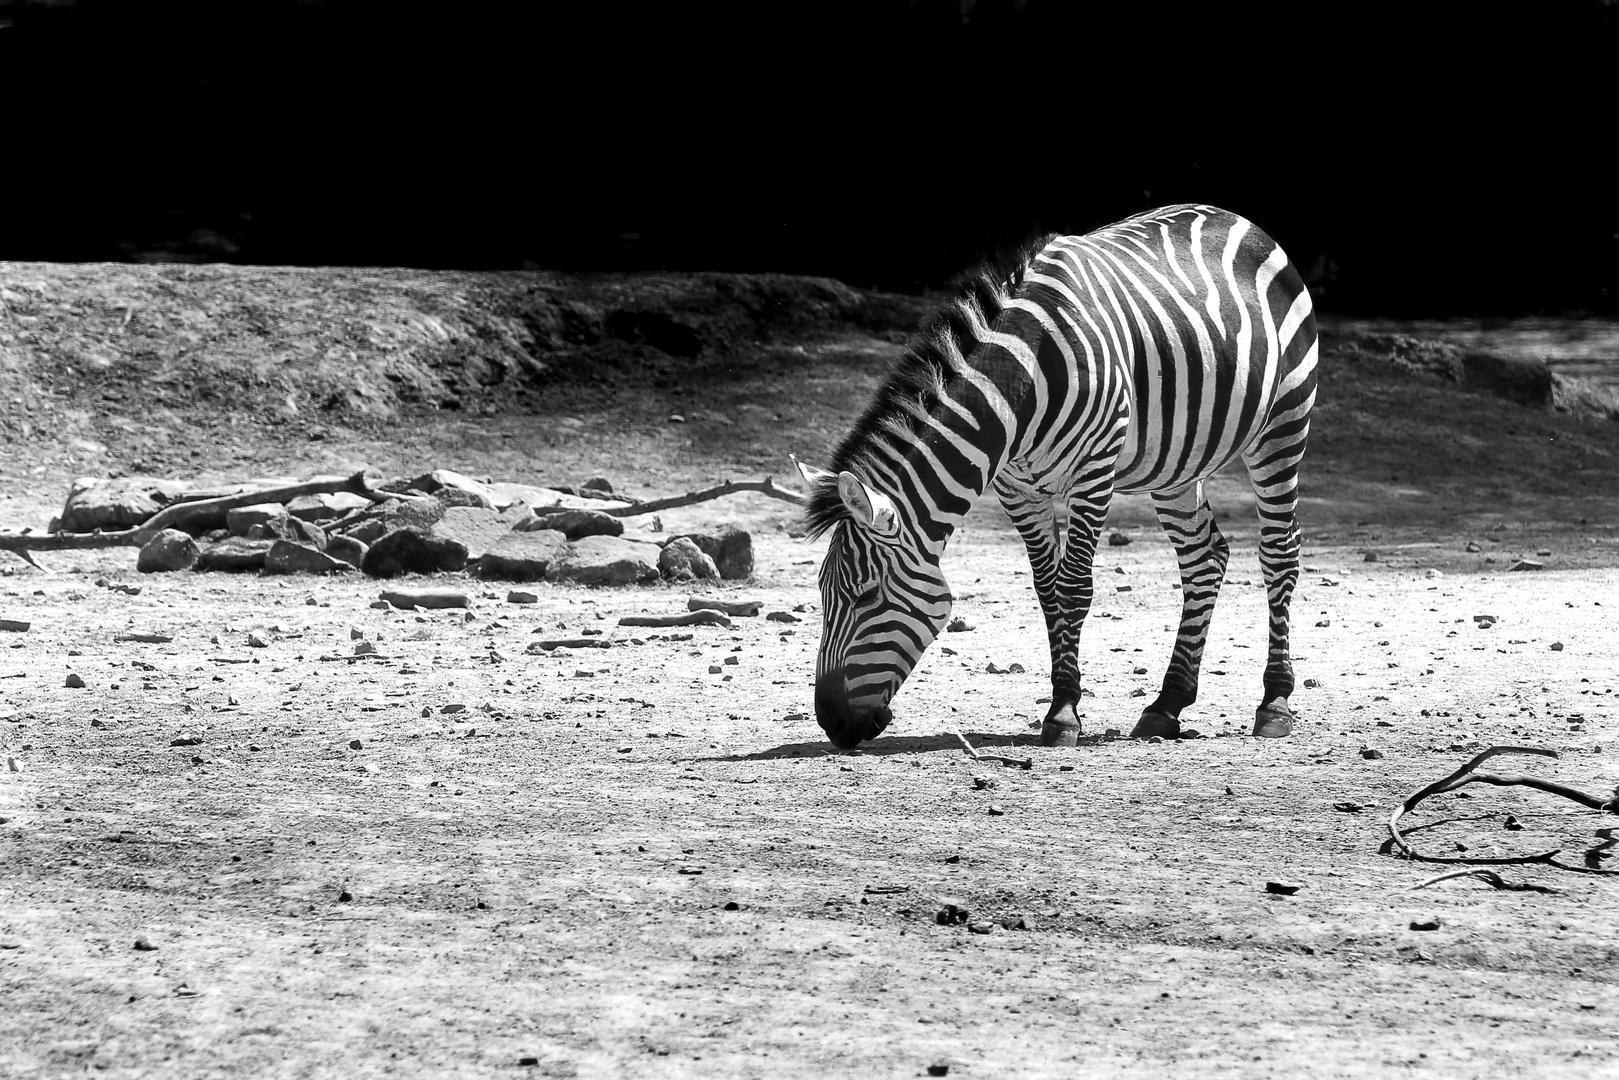 Zebra on the moon